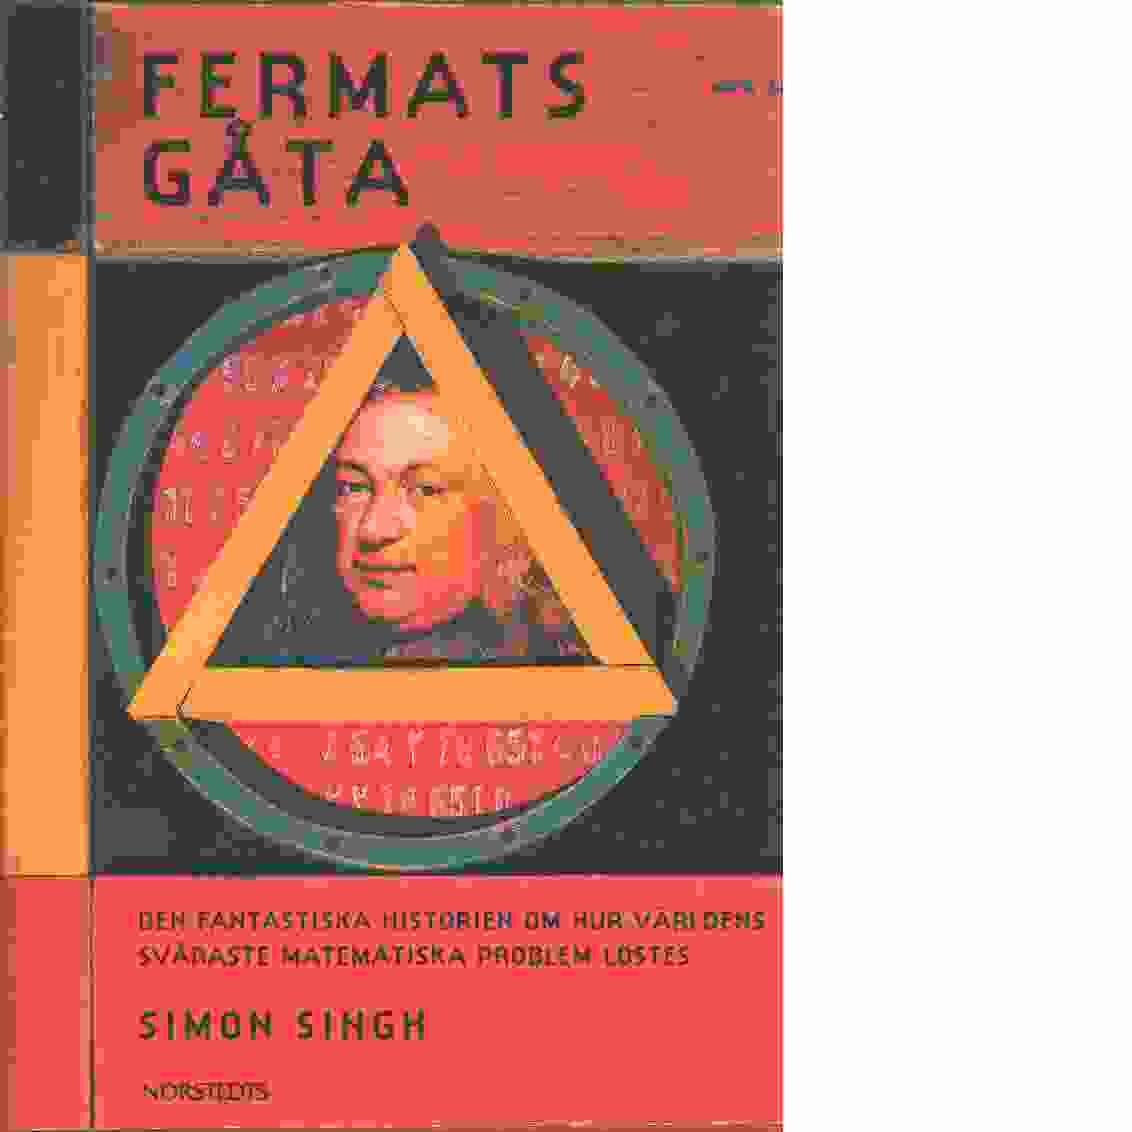 """Singh, Simon """"Fermats gåta : så löstes världens svåraste matematiska problem"""" INBUNDEN SLUTSÅLD"""